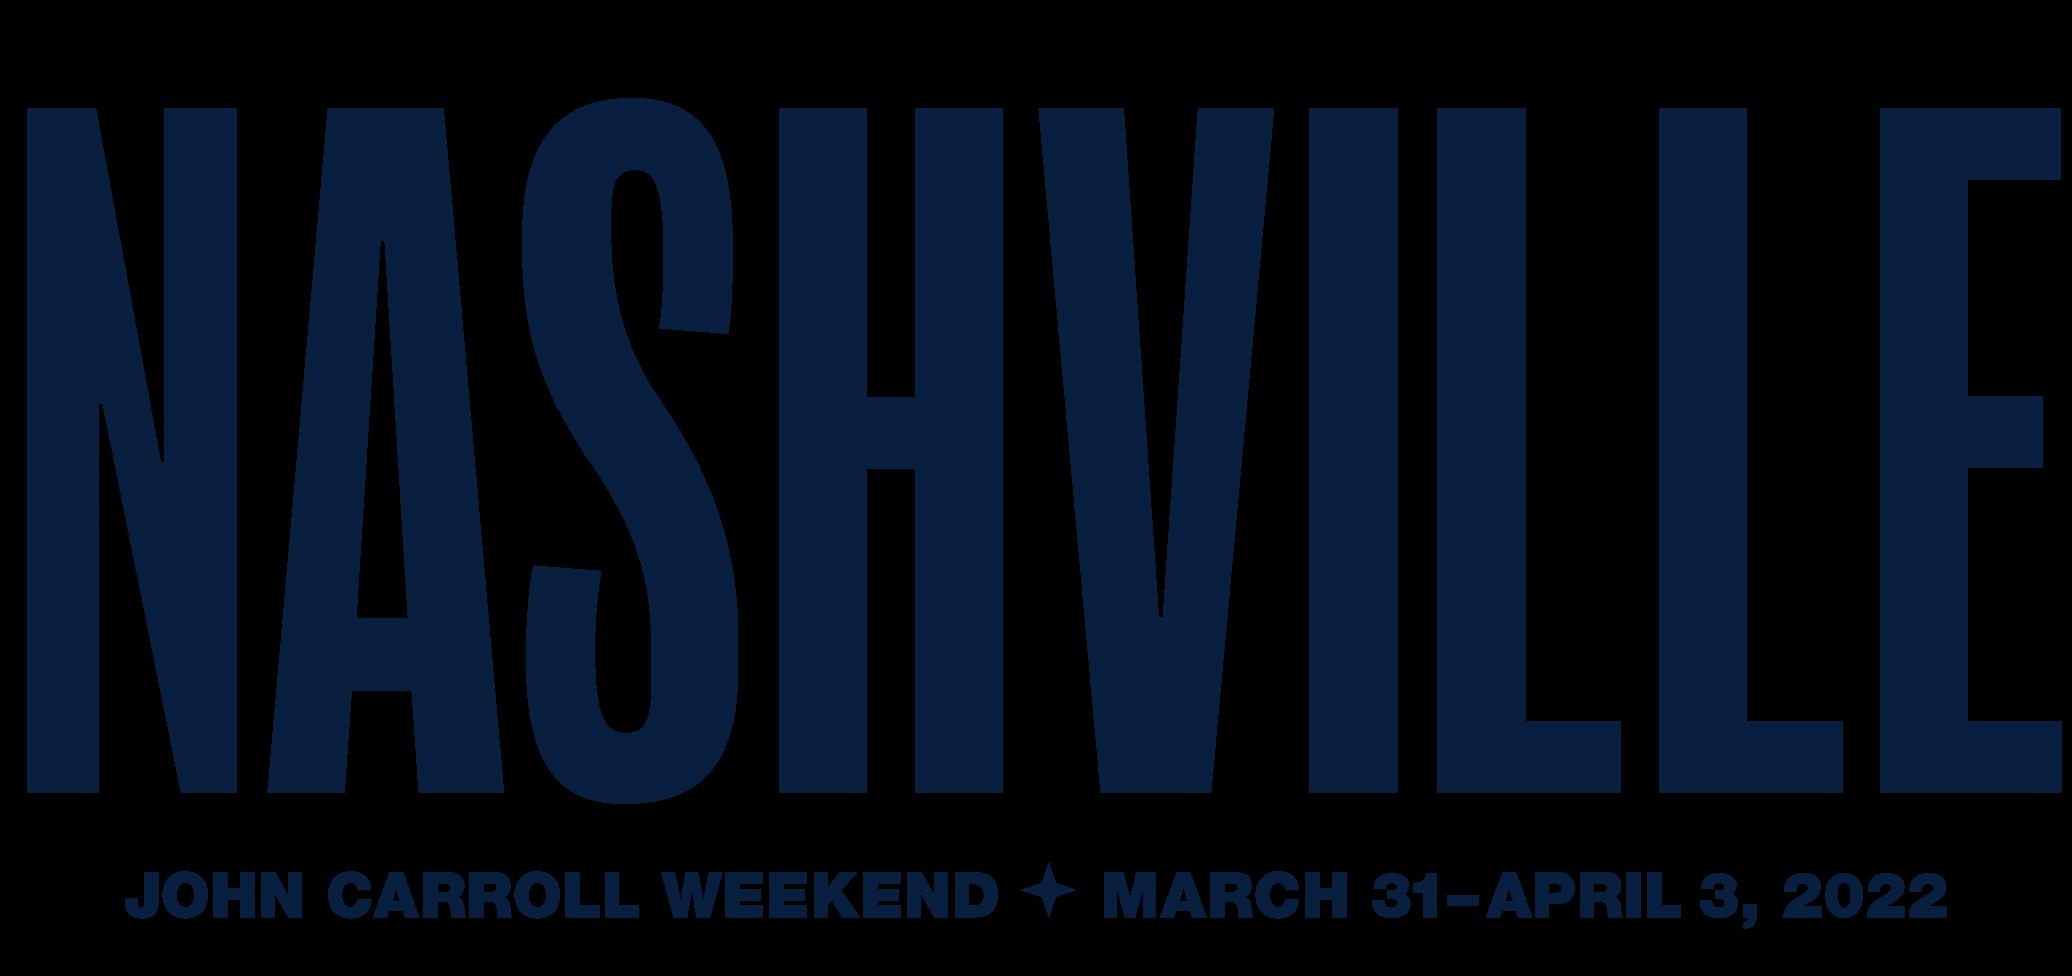 Nashville. John Carroll Weekend. March 31-April 3, 2022